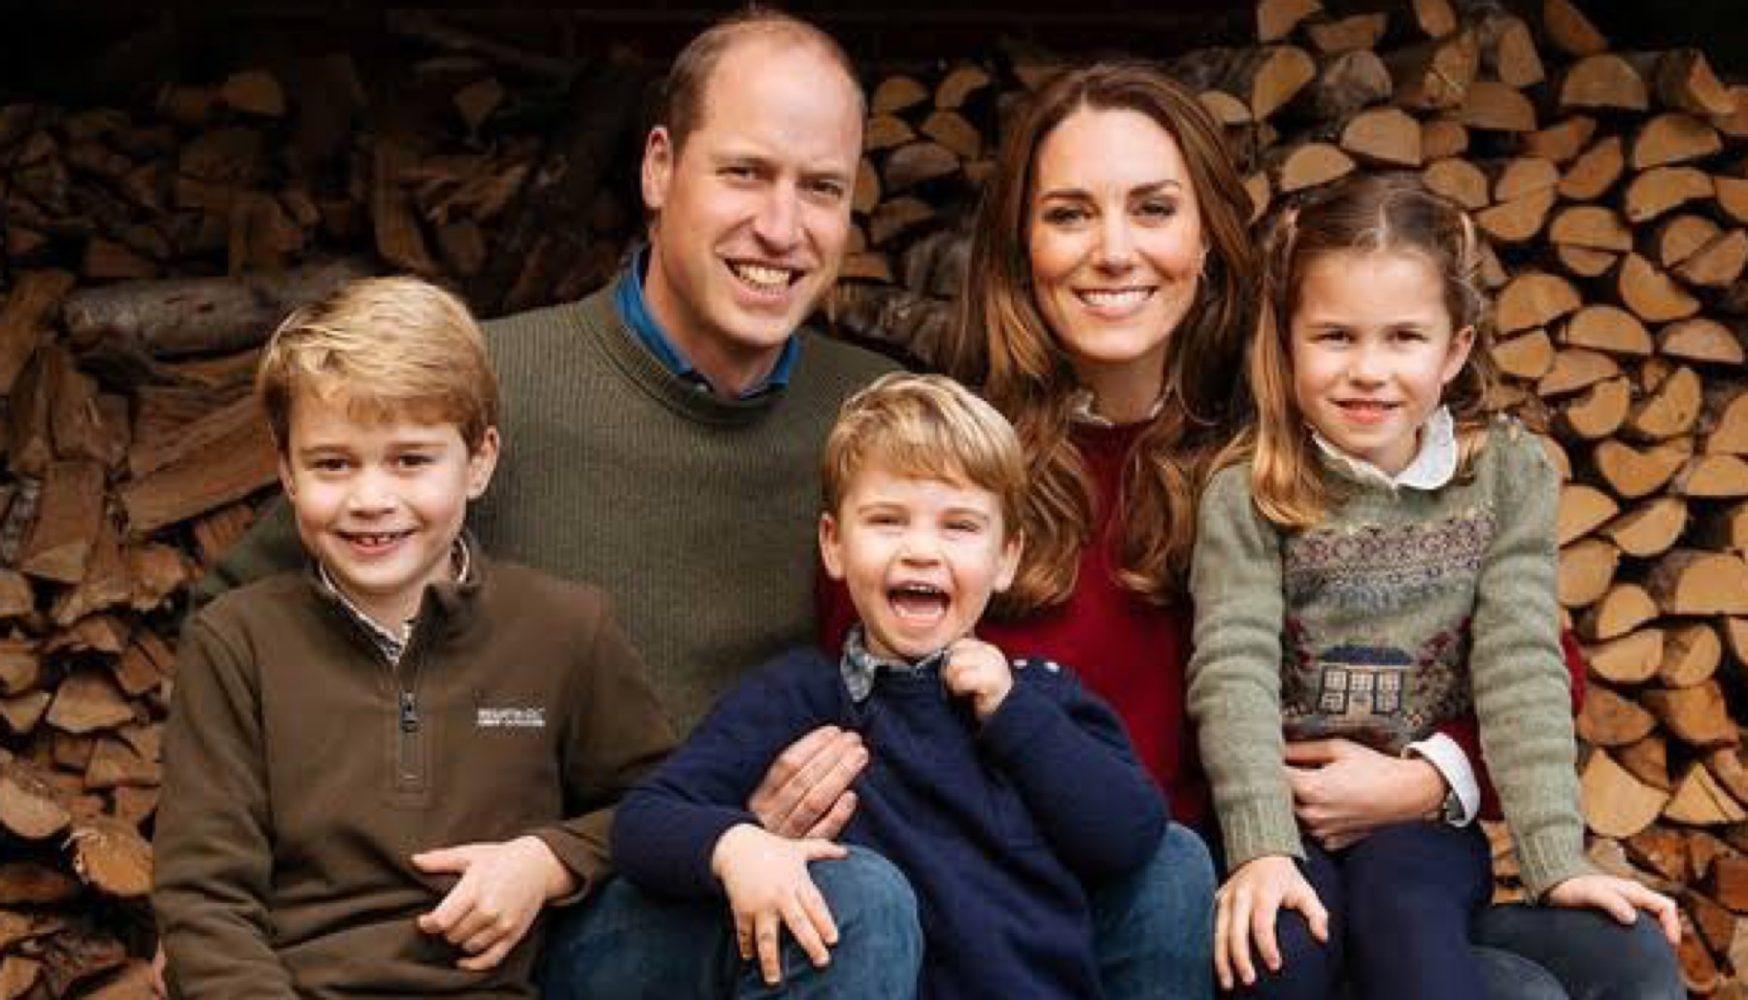 El príncipe William, su esposa Kate Midletton y sus hijos los principes George, Charlotte y Louis